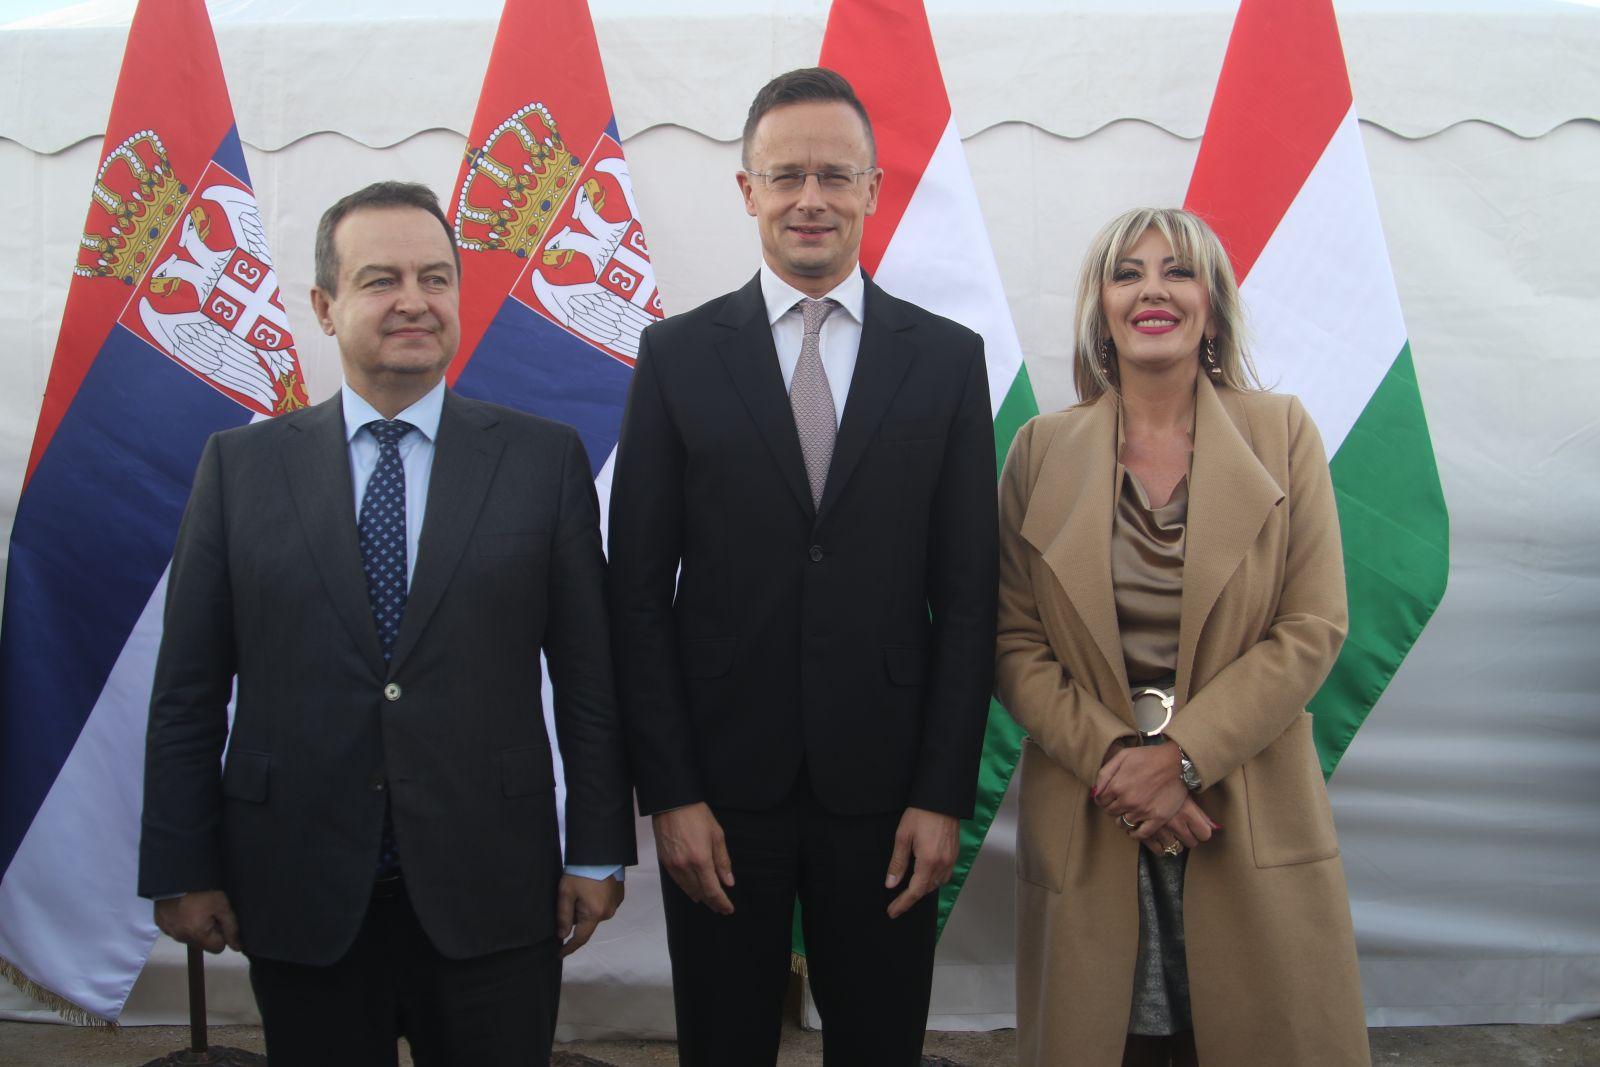 Ј. Јоксимовић: Нови прелаз доказ бриге о интересима грађана